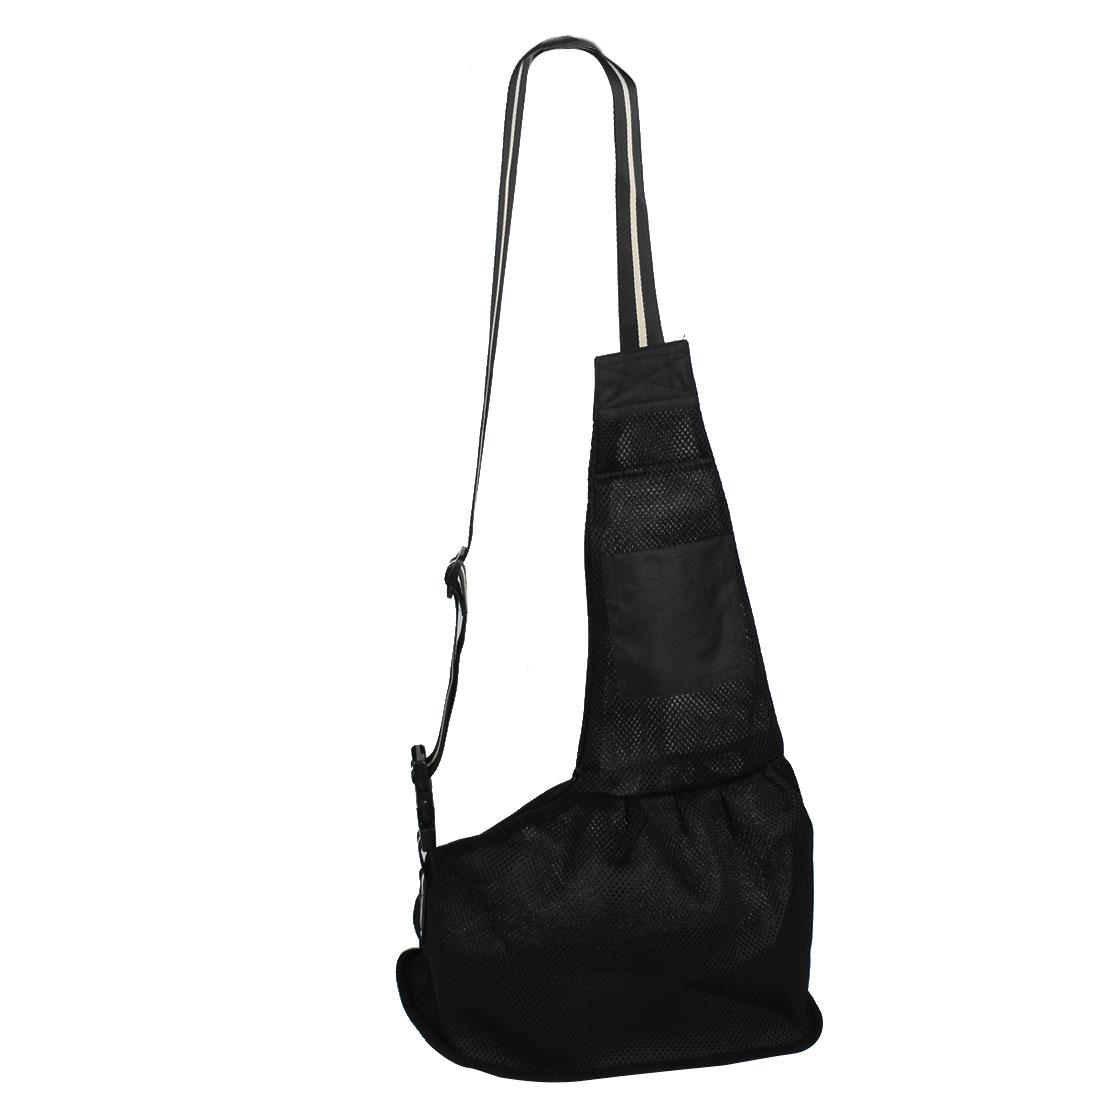 Oxford Cloth Adjustable Belt Tote Pet Singel Shoulder Carrier Bag Black S